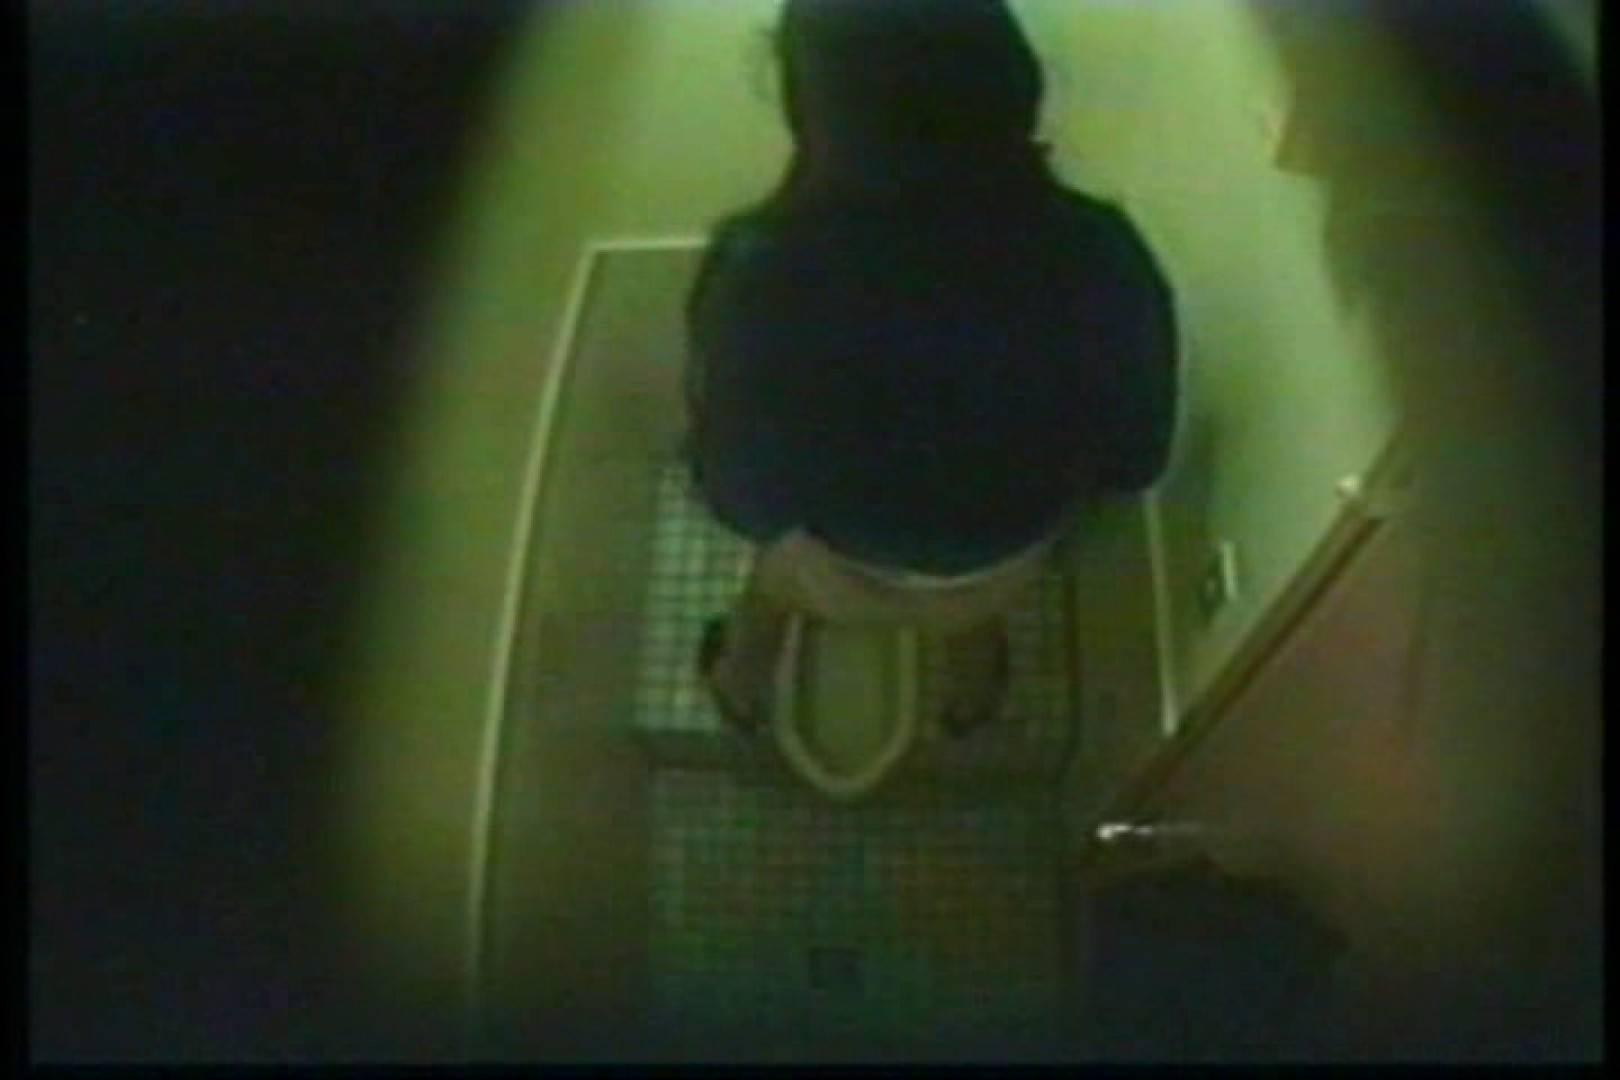 様式 和式 ところかまわず、厠覗き! 厠隠し撮り ワレメ無修正動画無料 74pic 58